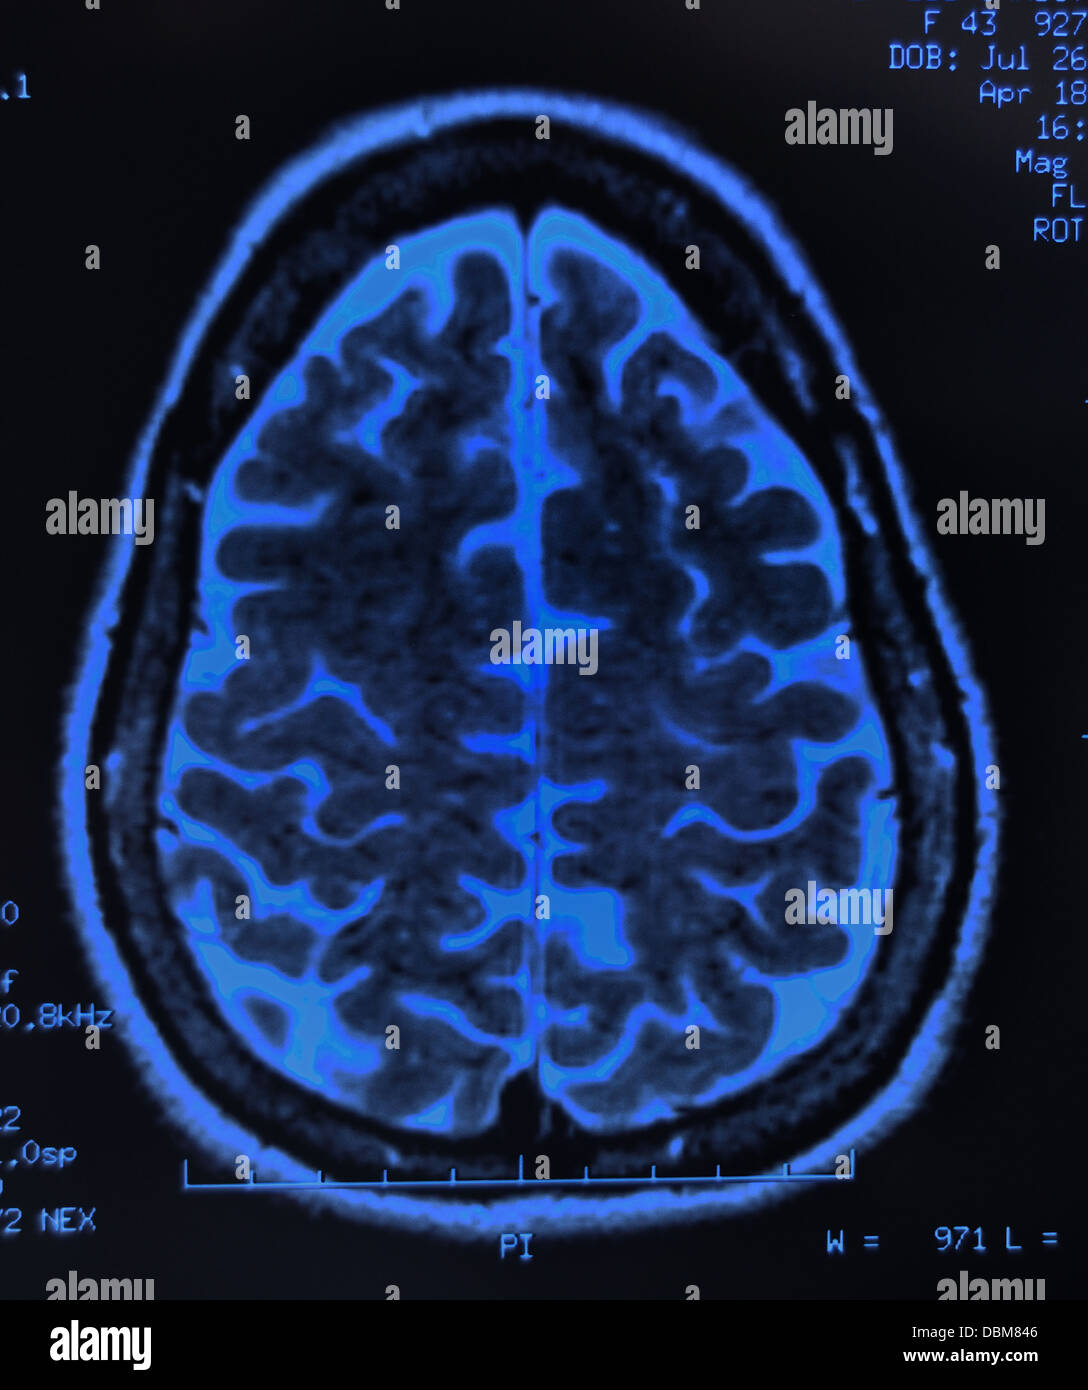 Human brain scan / MRI, X-ray - Stock Image